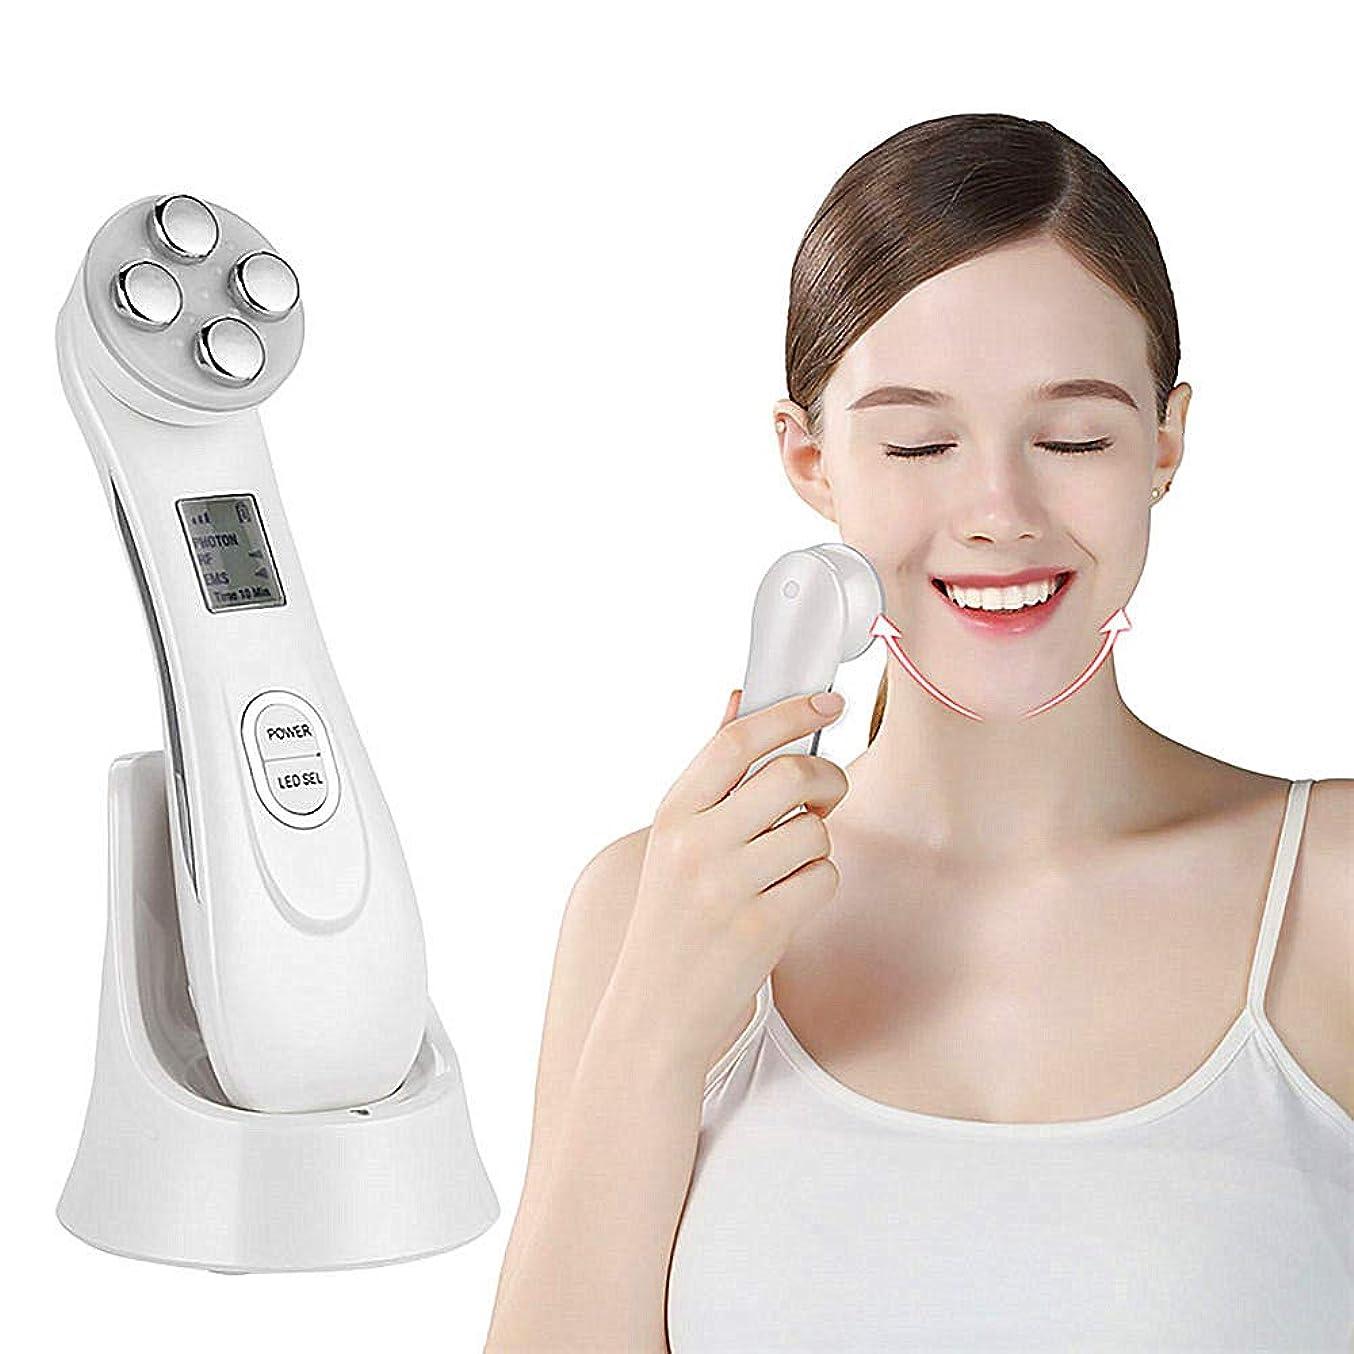 霊スローマキシム顔スキン EMS メソセラピーエレクトロポレーション RF ラジオ周波数顔 LED フォトンスキンケアデバイスフェイスリフティングは、美容ツールを締めます